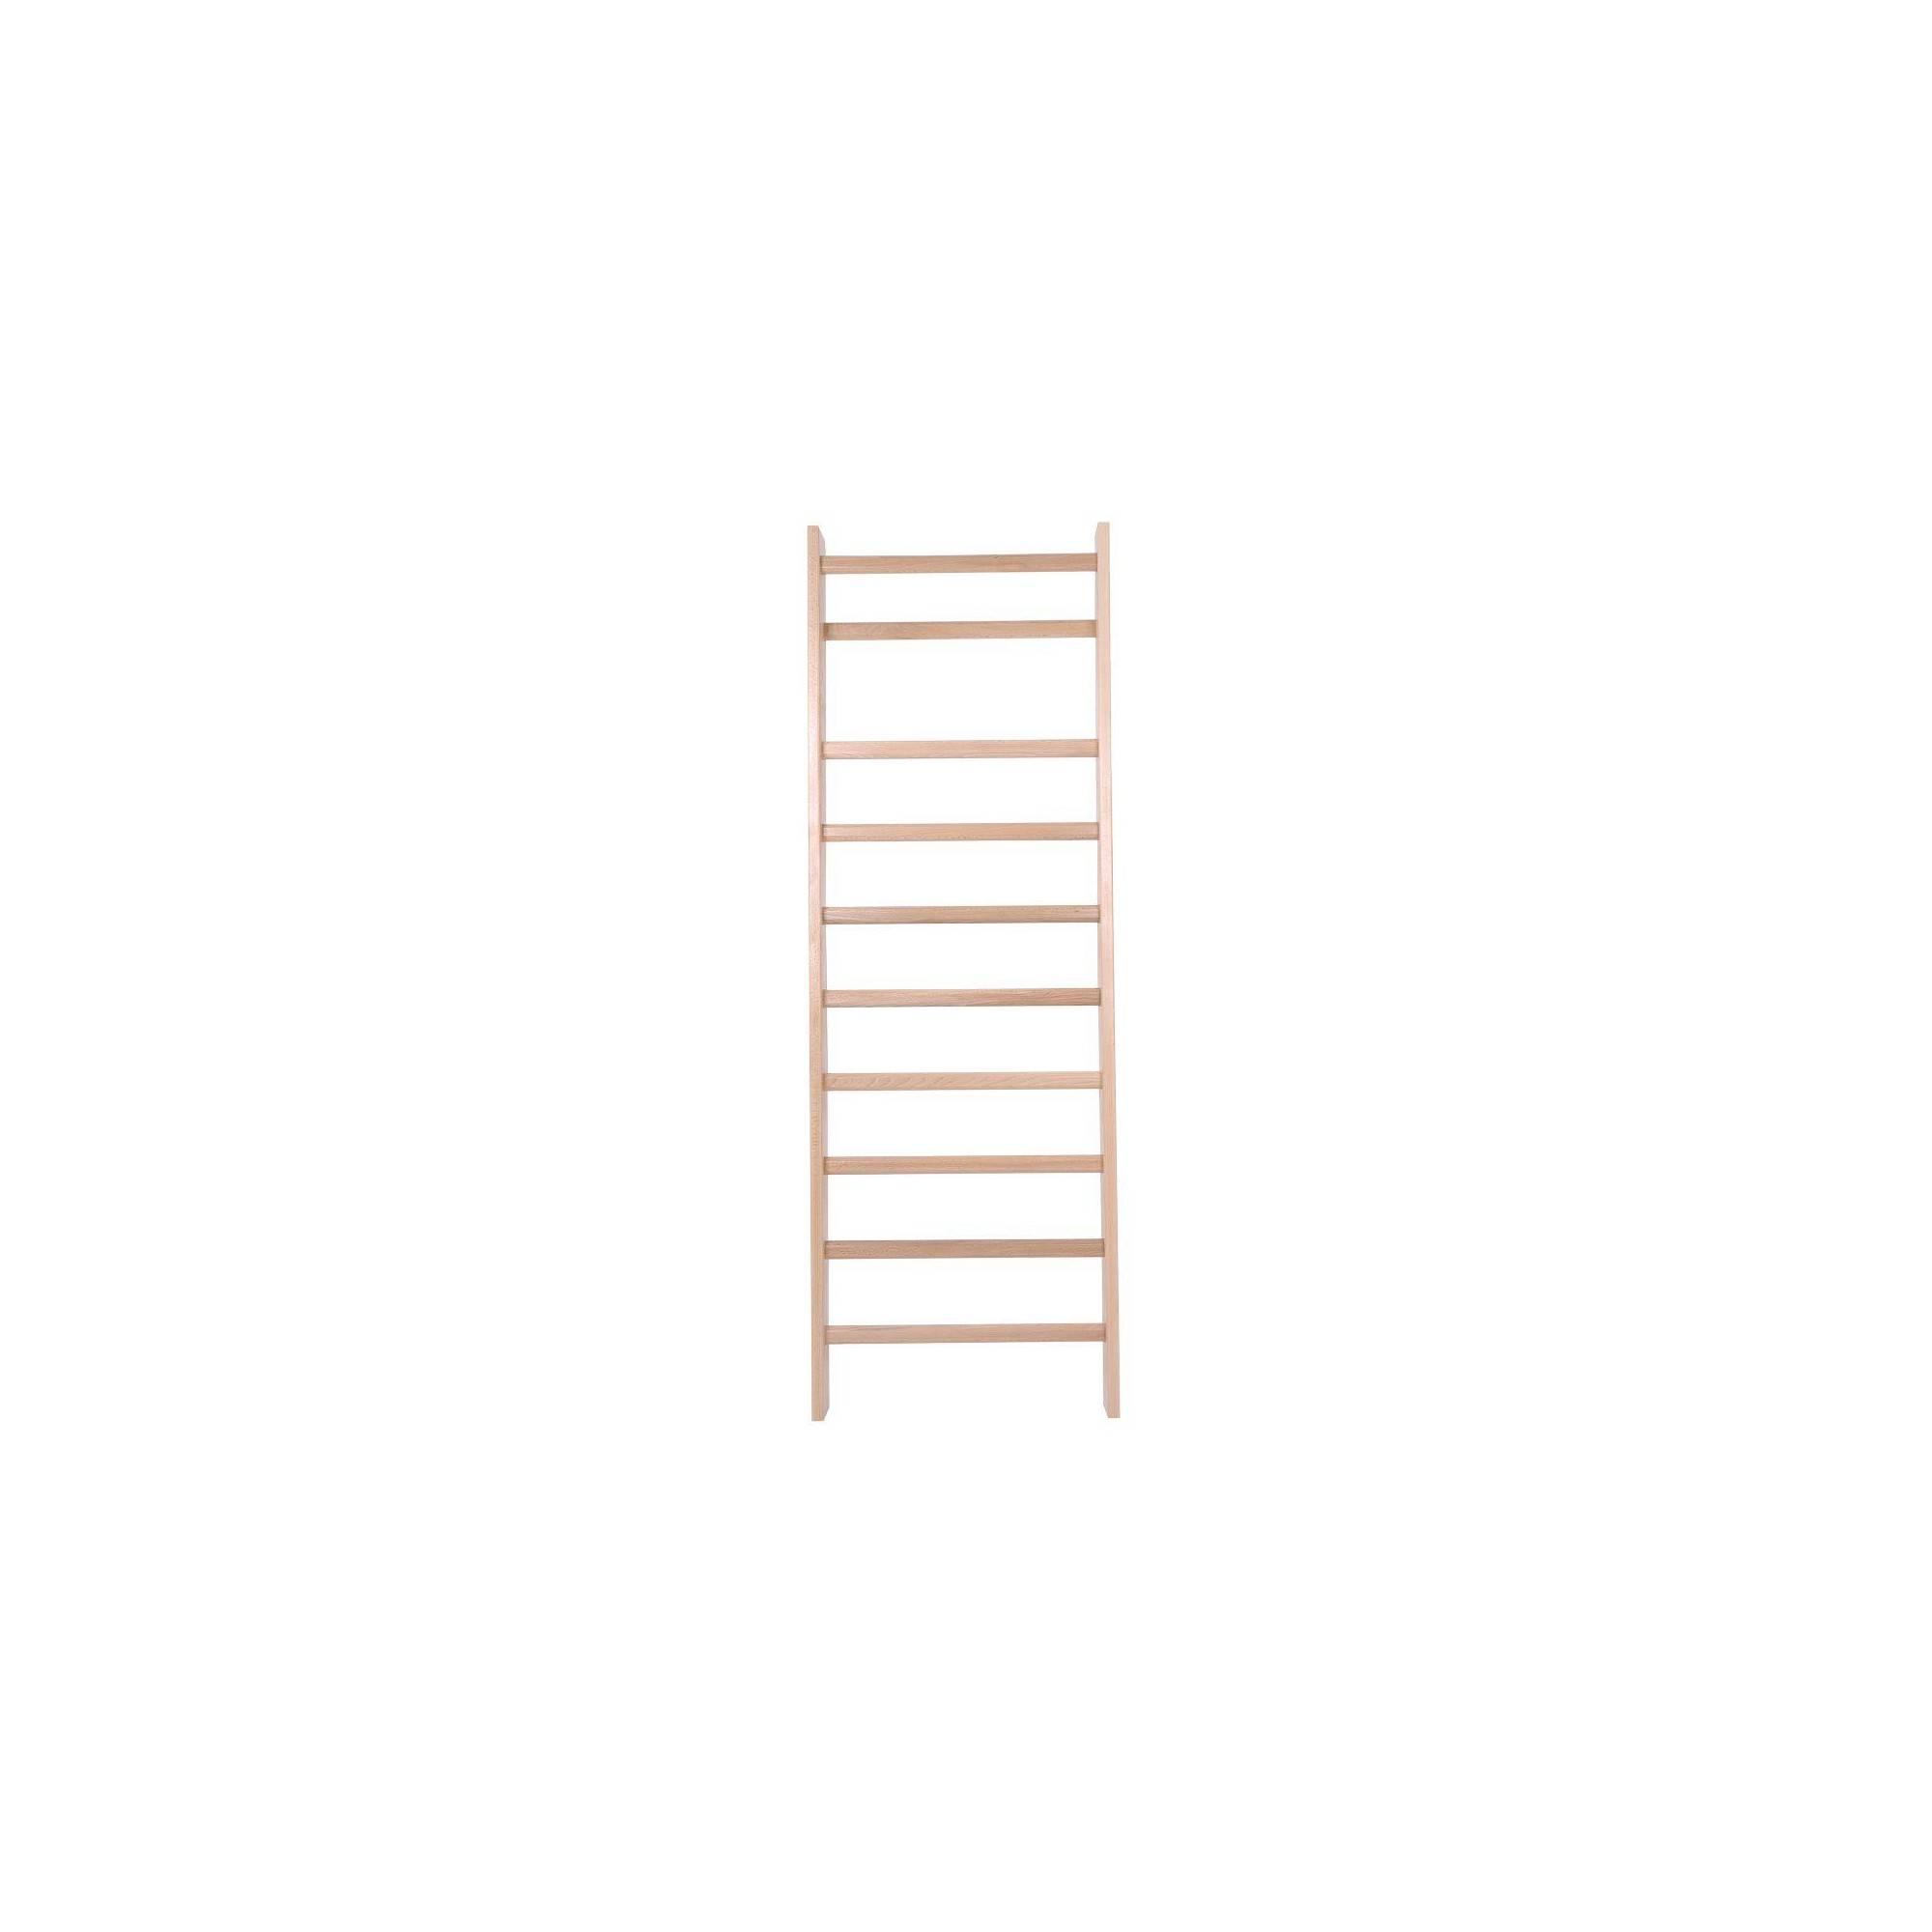 Drabinka gimnastyczna 220 x 80 cm INSPORTLINE drewniana,producent: Insportline, zdjecie photo: 1 | online shop klubfitness.pl |